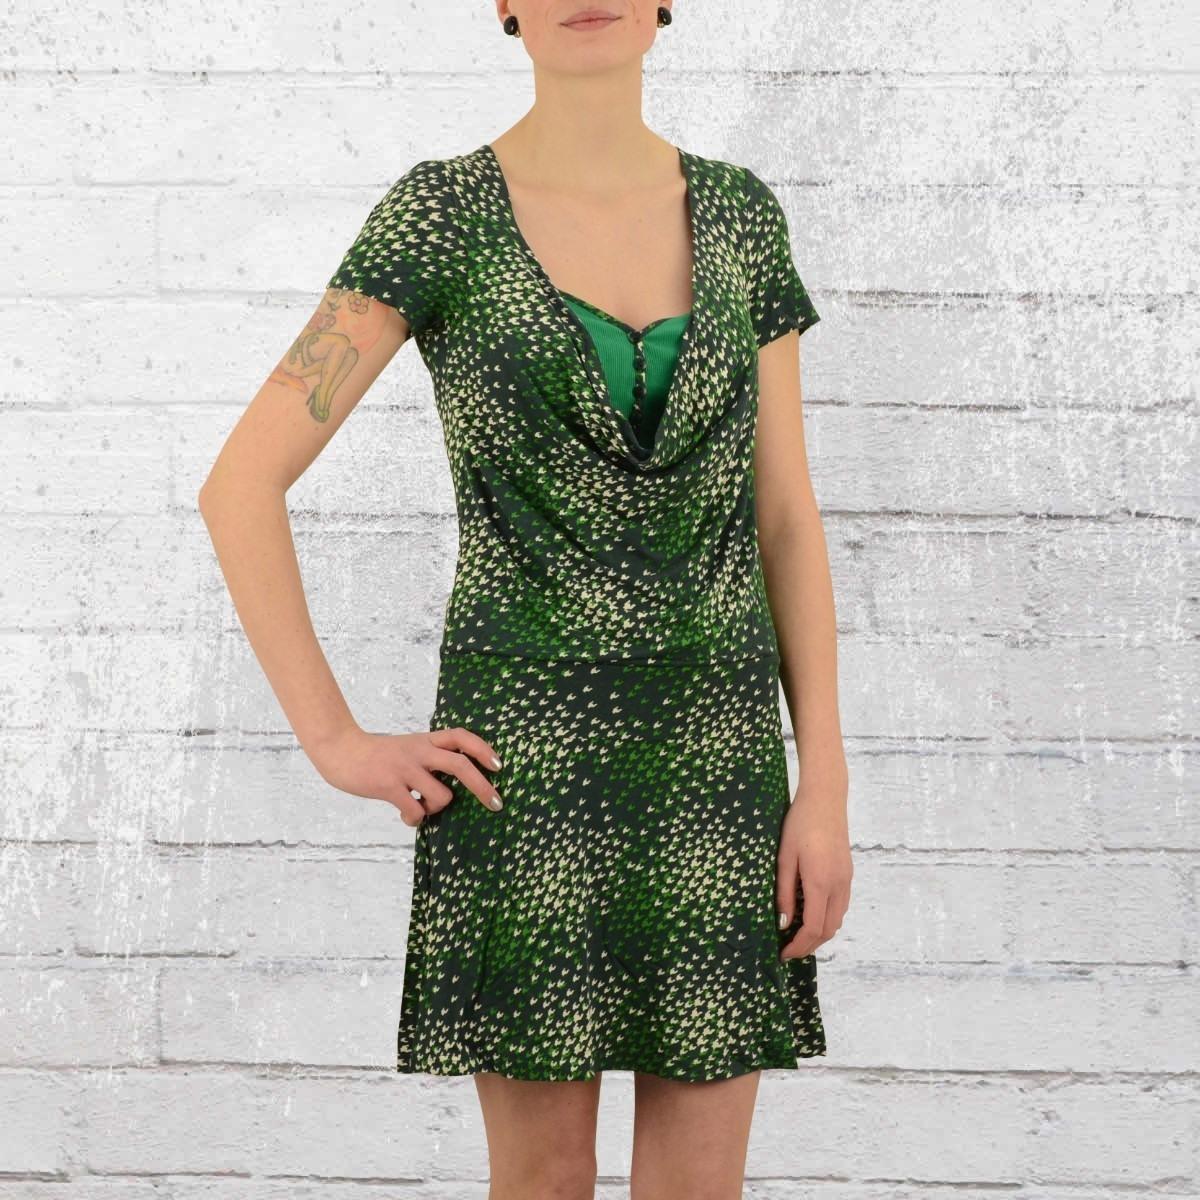 Formal Einfach Kleider Berlin SpezialgebietDesigner Spektakulär Kleider Berlin Design